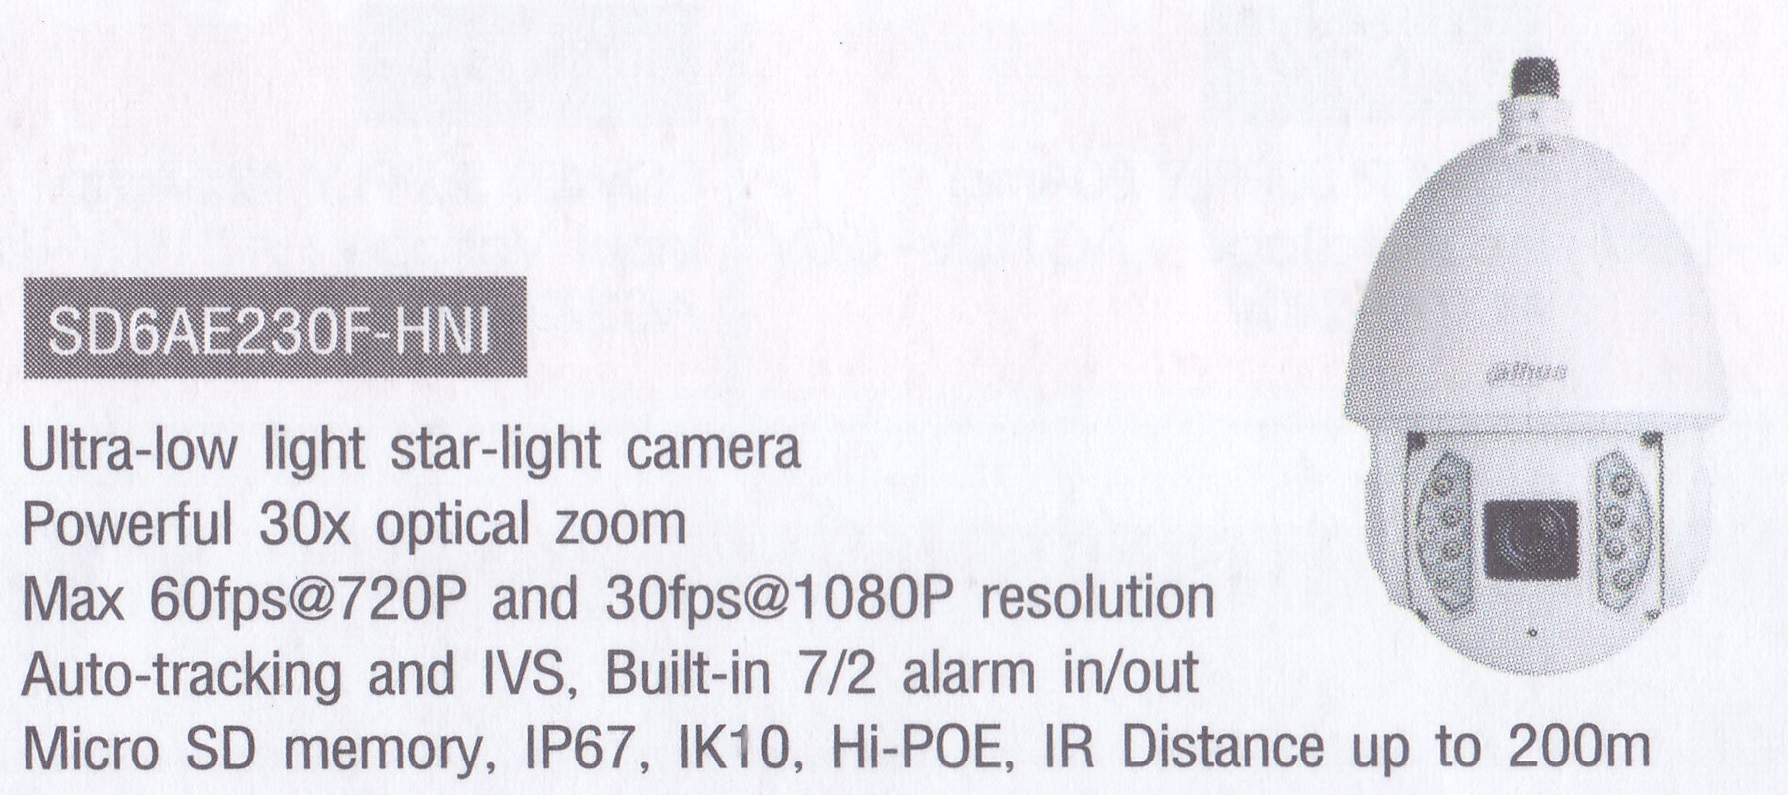 SD6AE230F-HNI